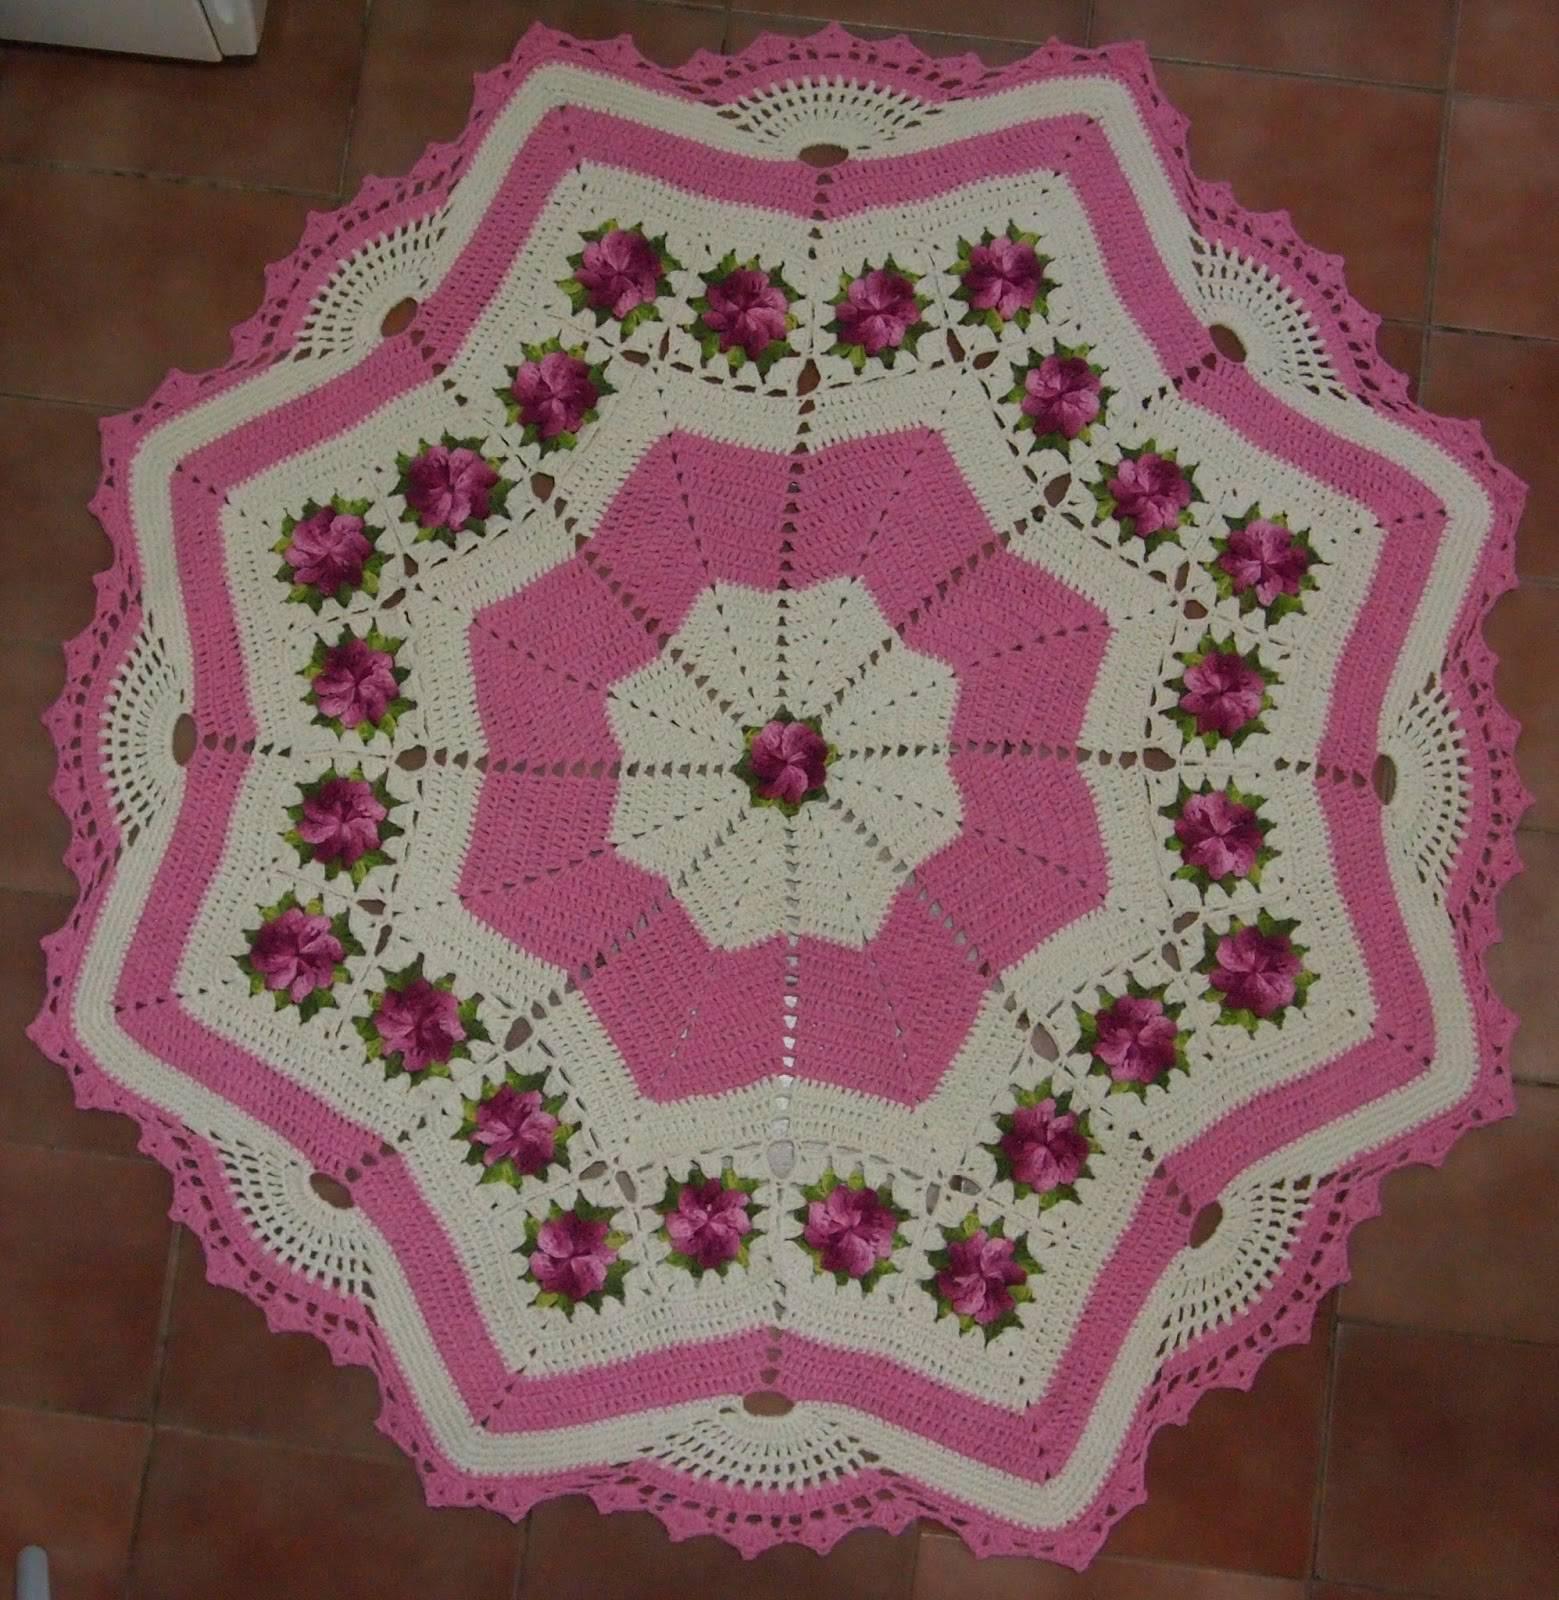 tapetes de barbante de estrela com flores